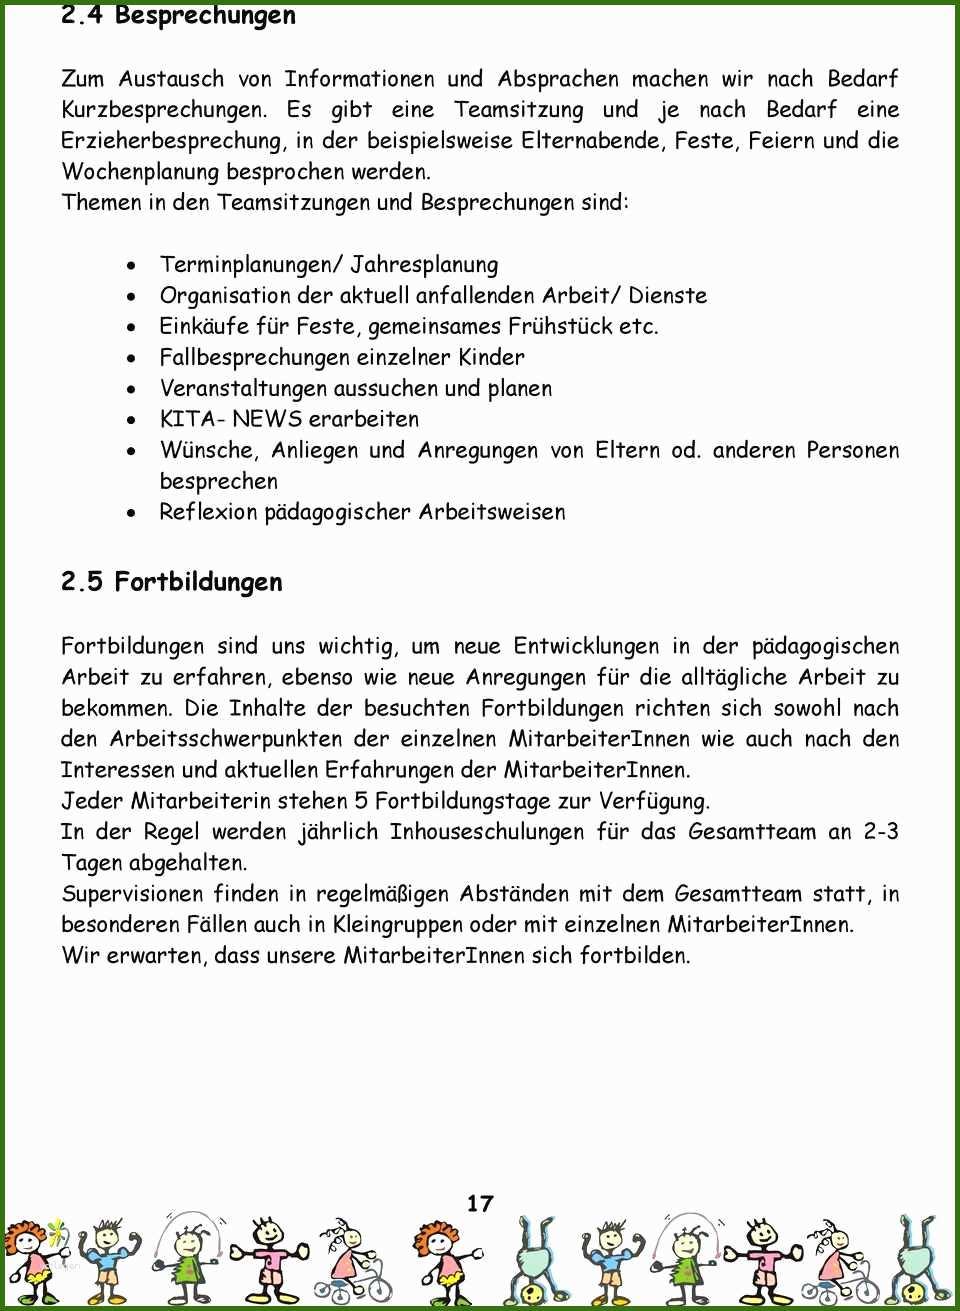 028 Bewerbung Um Einen Praktikumsplatz Vorlage Bewerbung